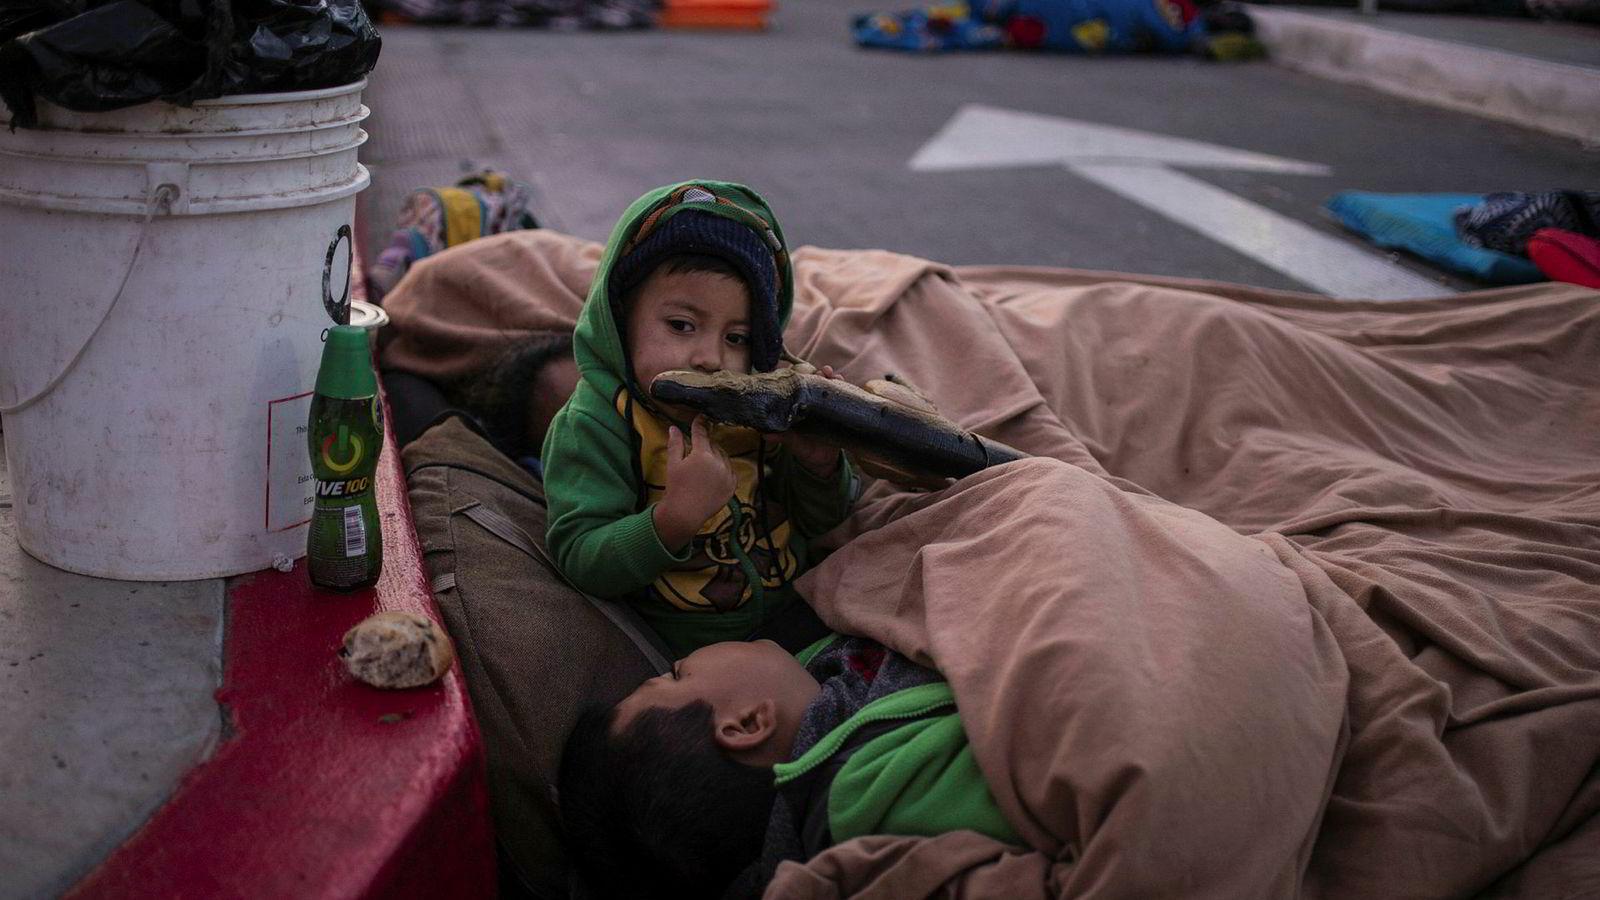 USA og Mexico krangler om disse barna fra Honduras, som sammen med familien venter på grensen i Tijuana for å søke asyl i USA.